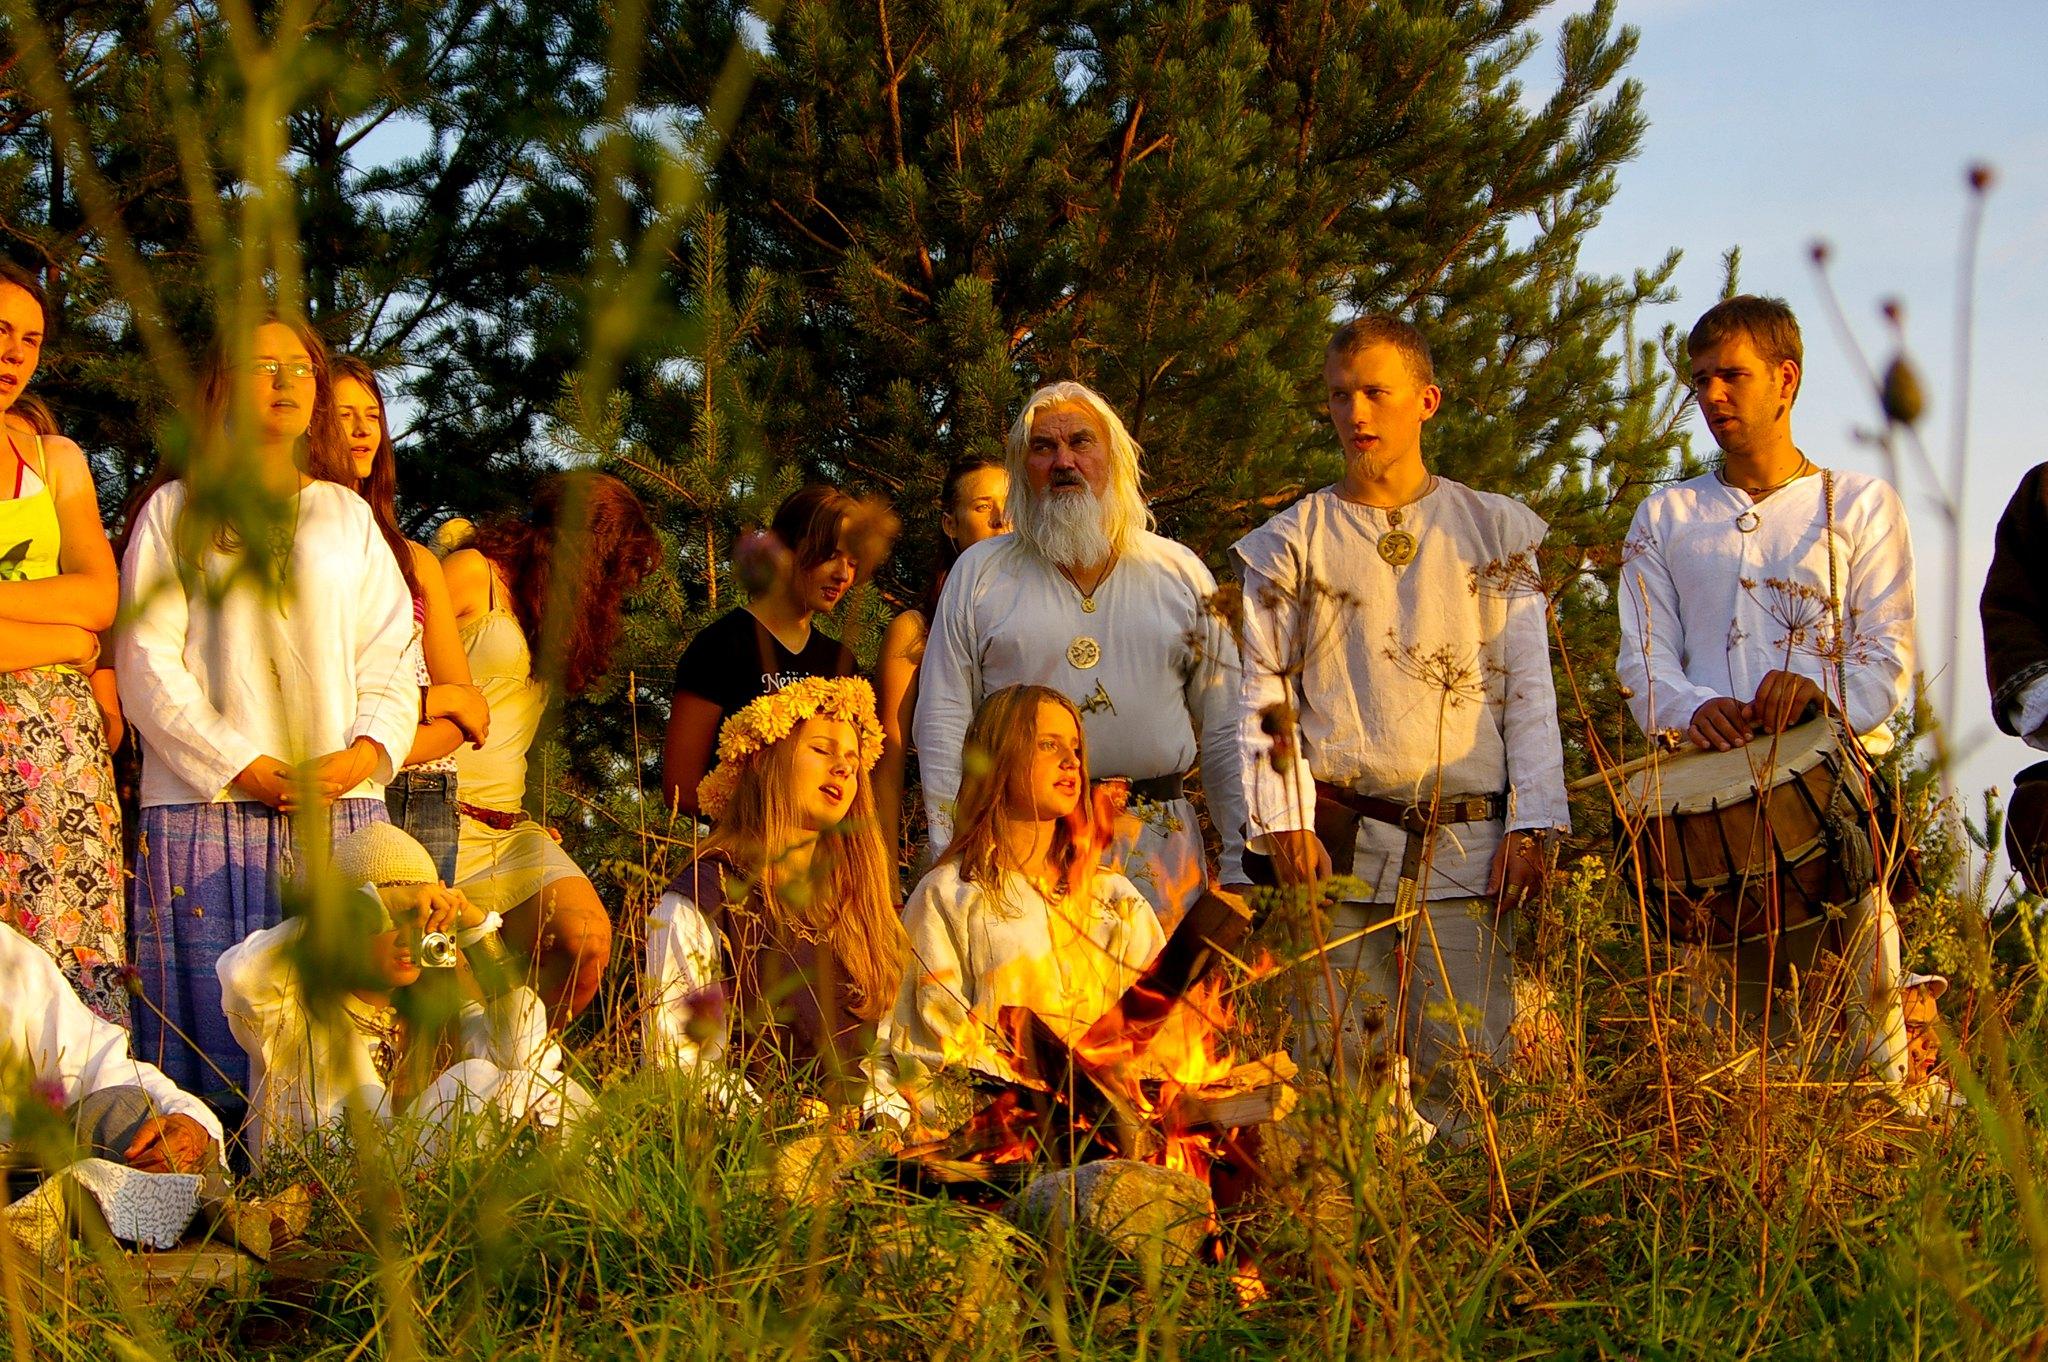 Baltian vanhojen kulttuurien ja uskontojen jäljillä